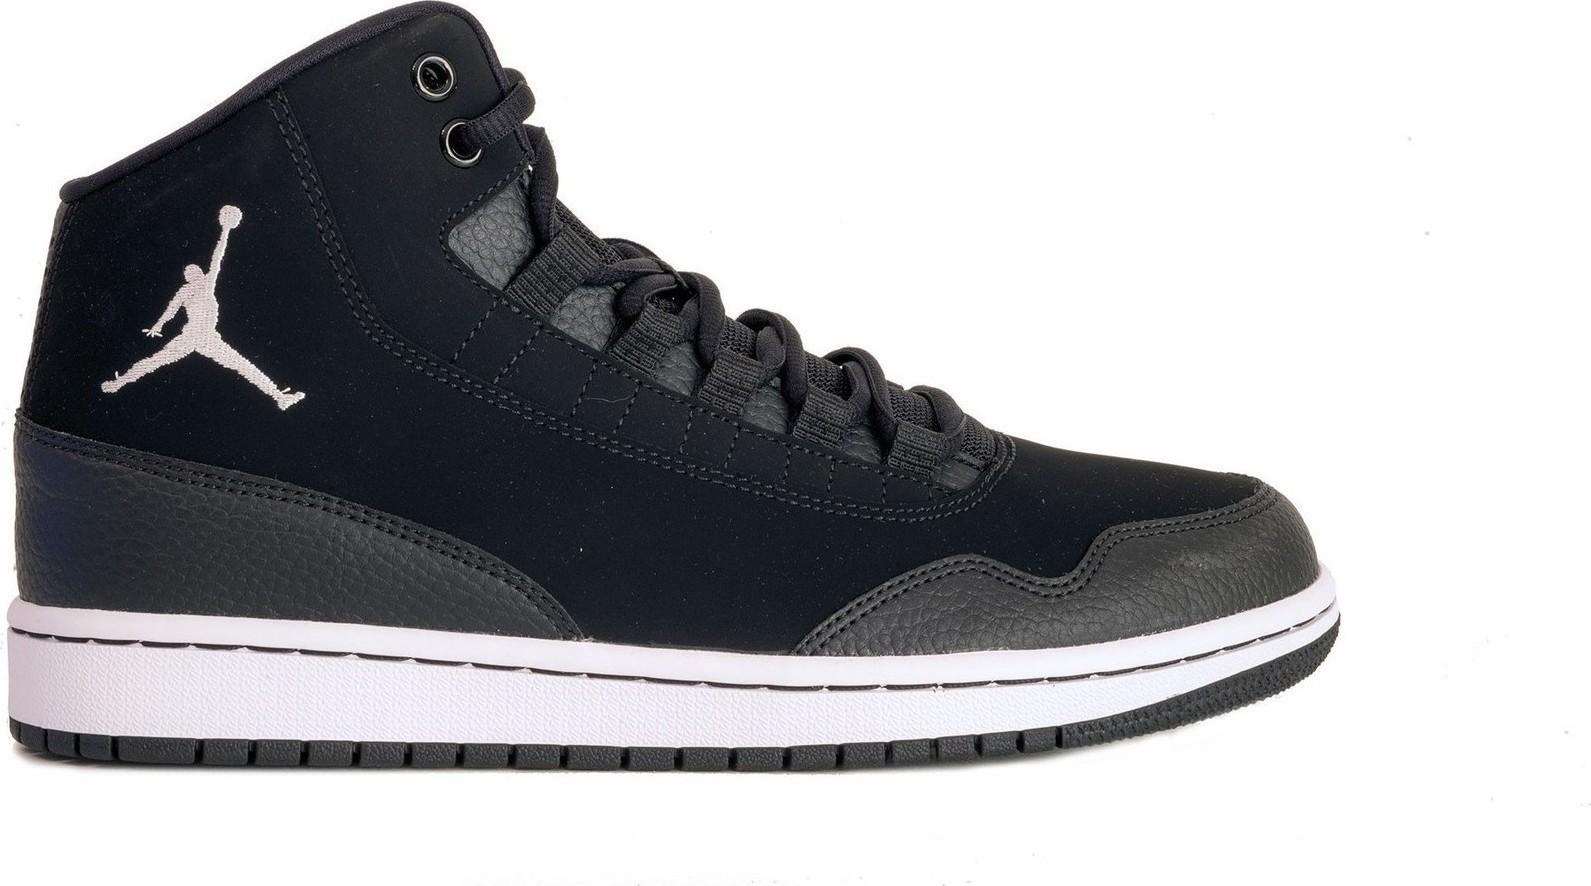 new concept 32b46 7d887 Προσθήκη στα αγαπημένα menu Nike Jordan Executive 820240-011